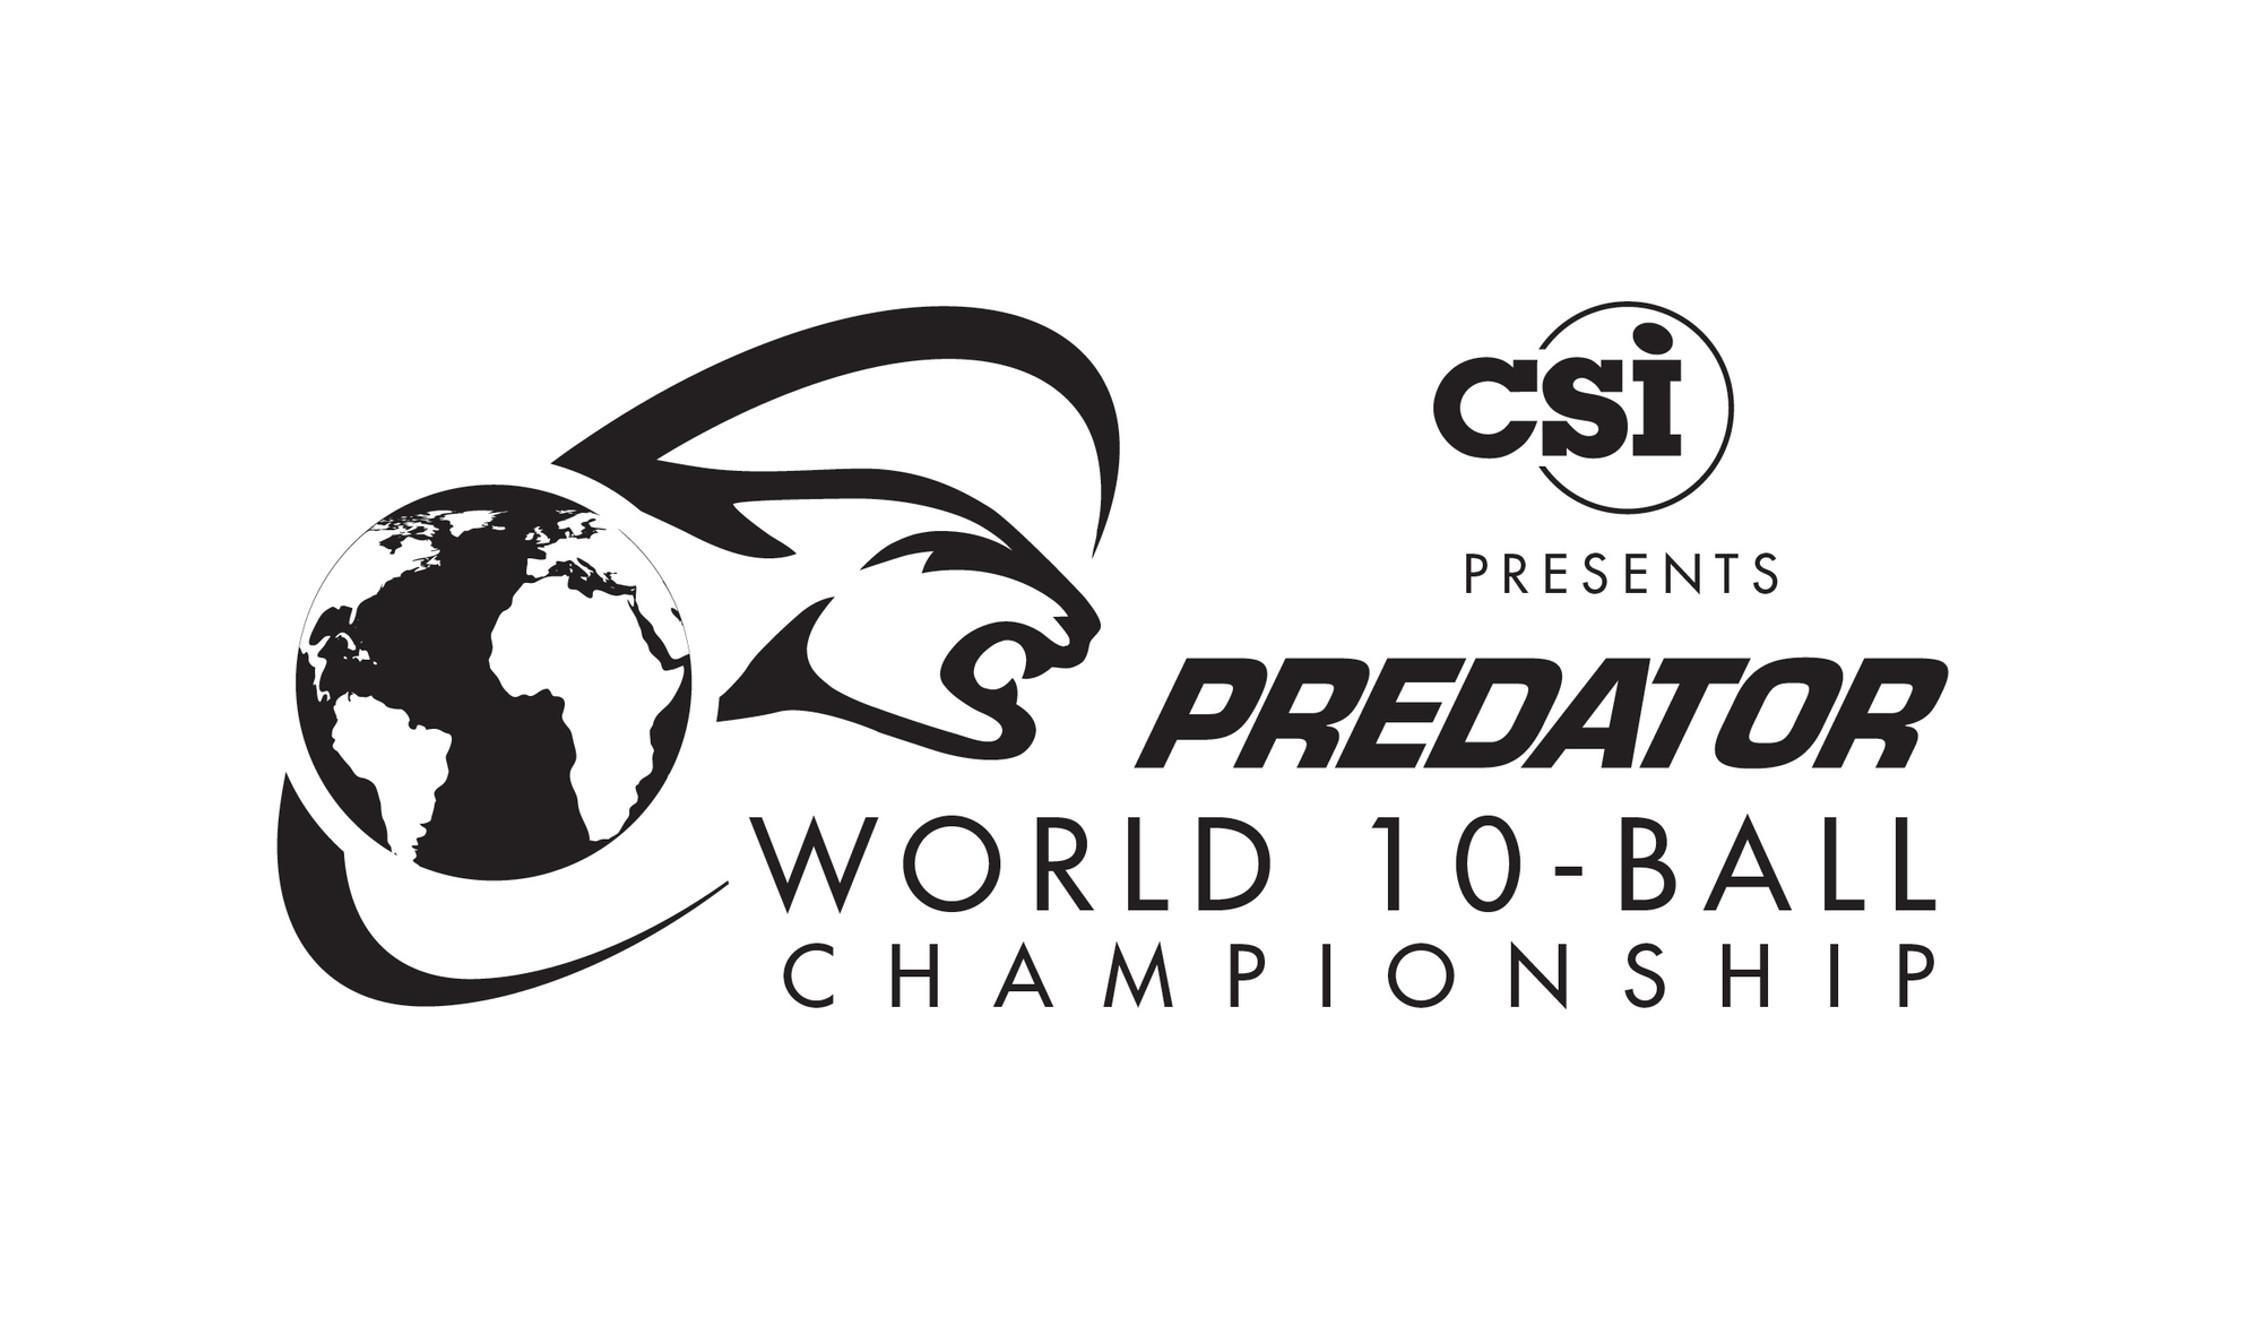 World 10-Ball Press Release | World 10-Ball